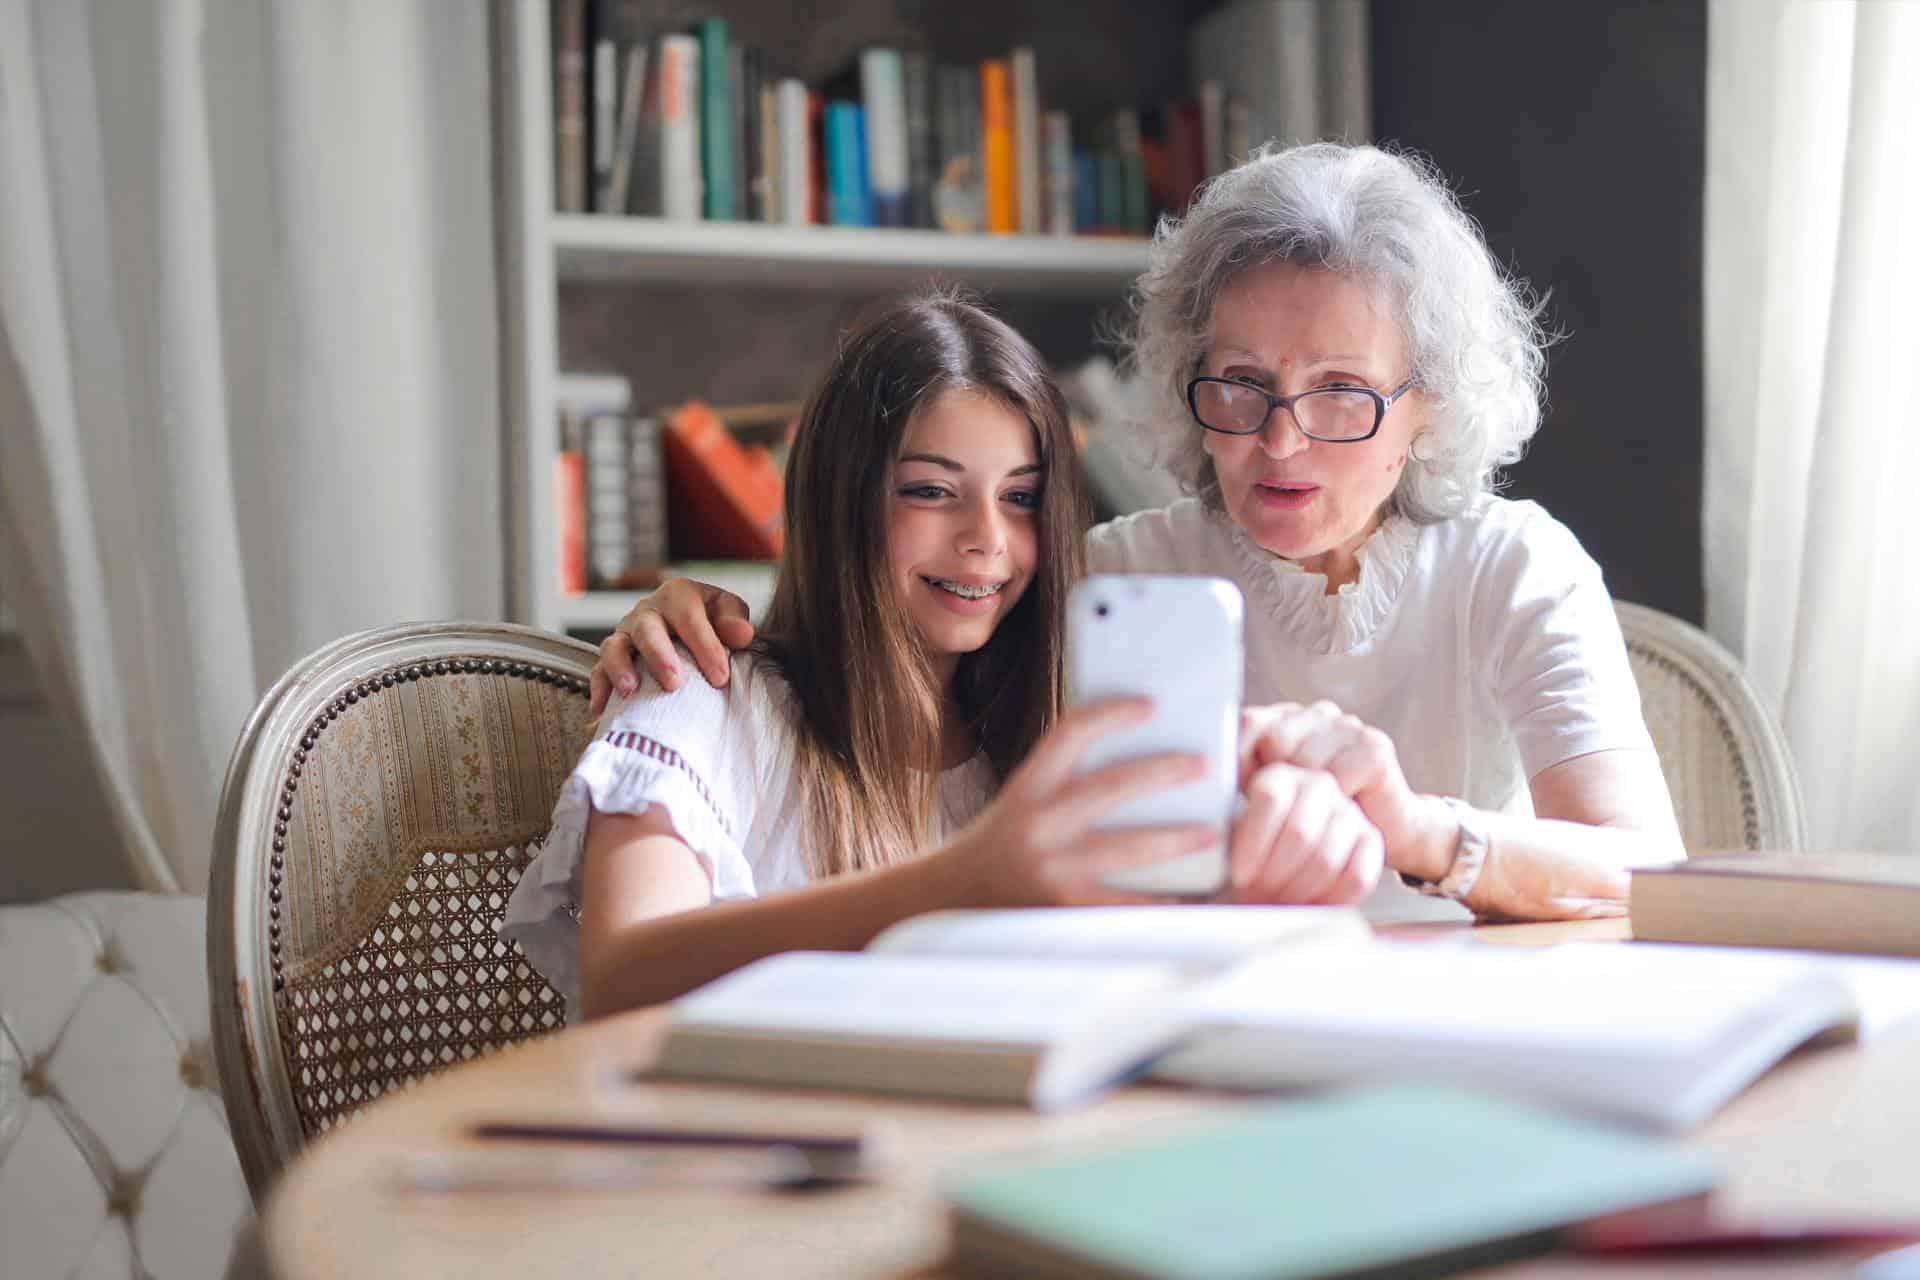 Geração X: quem são e quais são as principais características